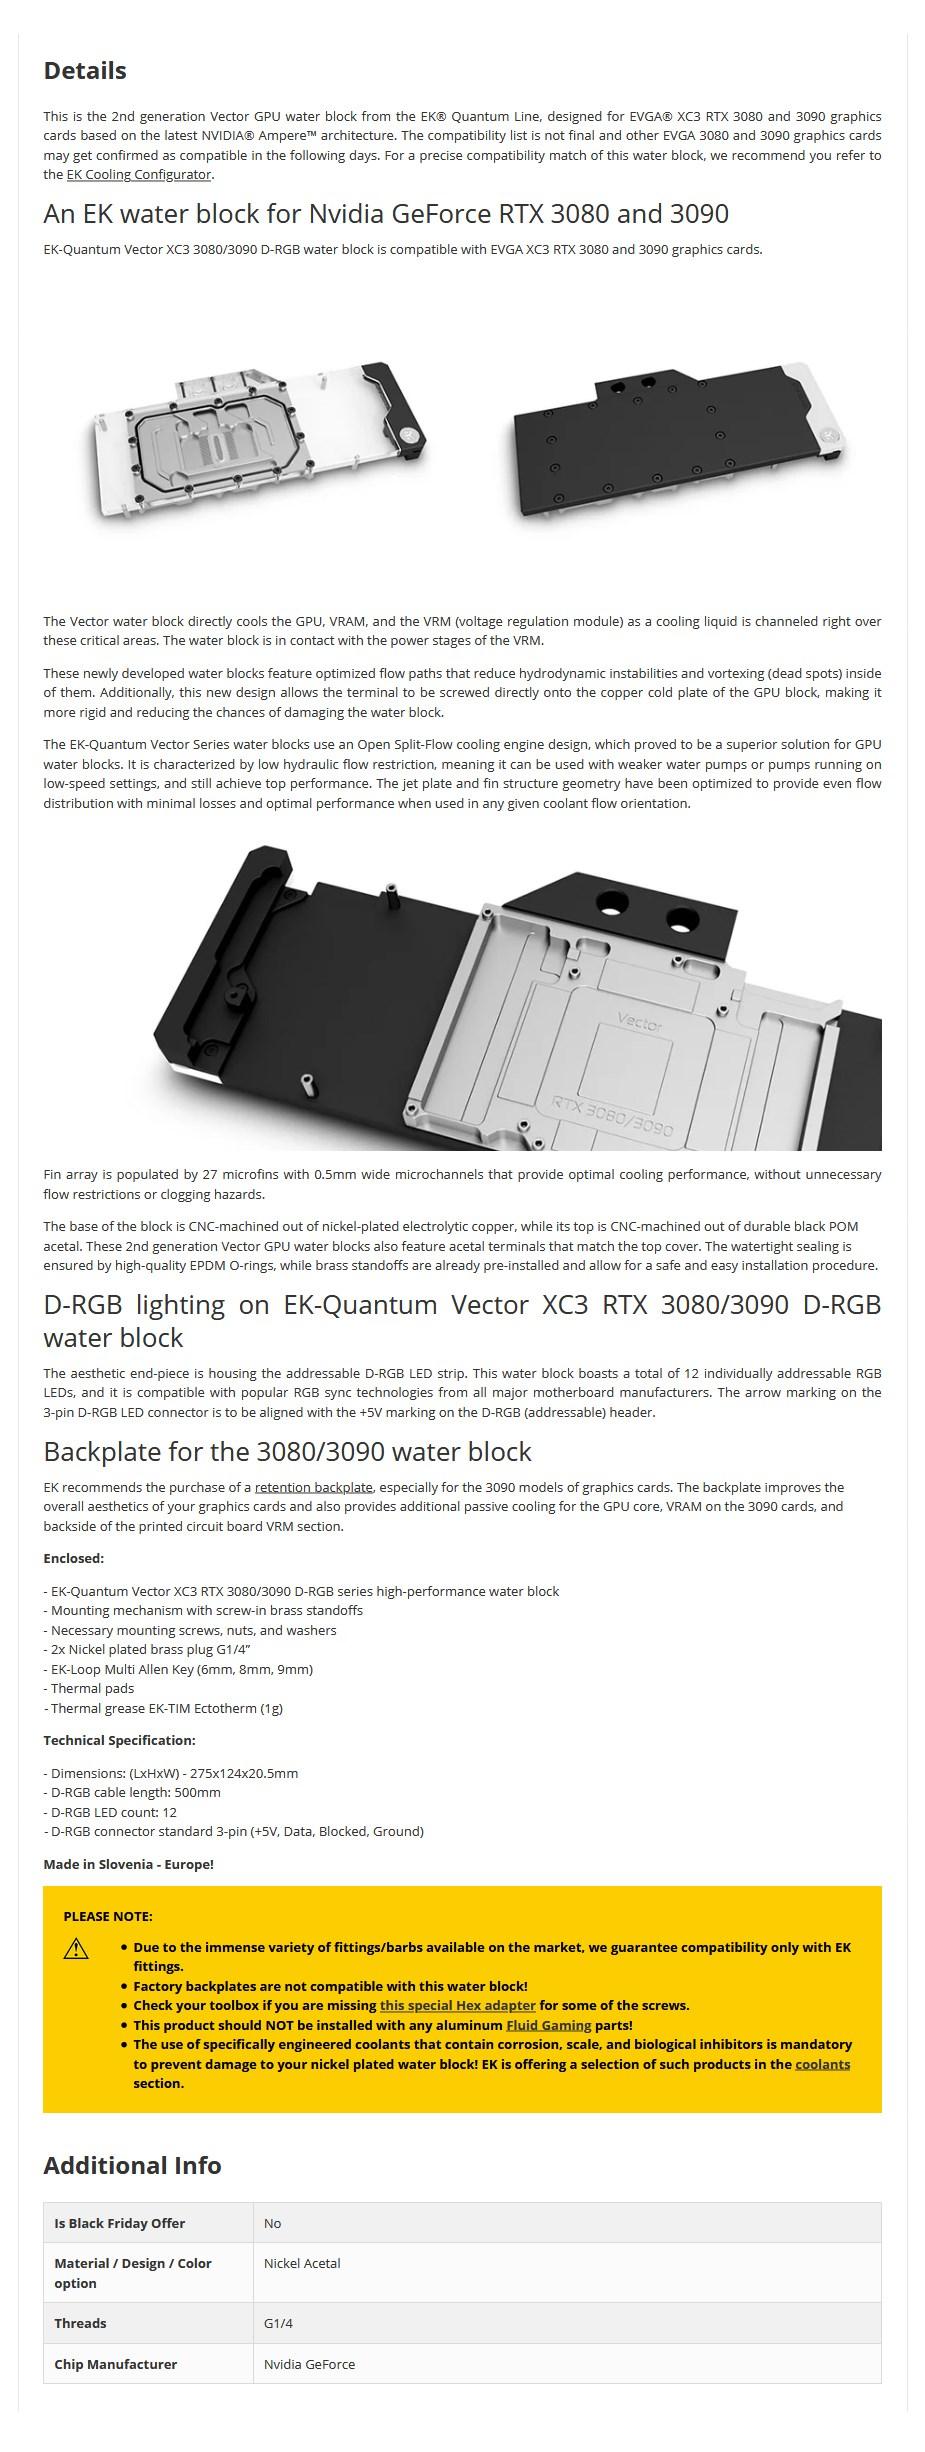 EKWB EK-Quantum Vector D-RGB XC3 RTX 3080/3090 GPU Water Block - Nickel + Acetal - Overview 1